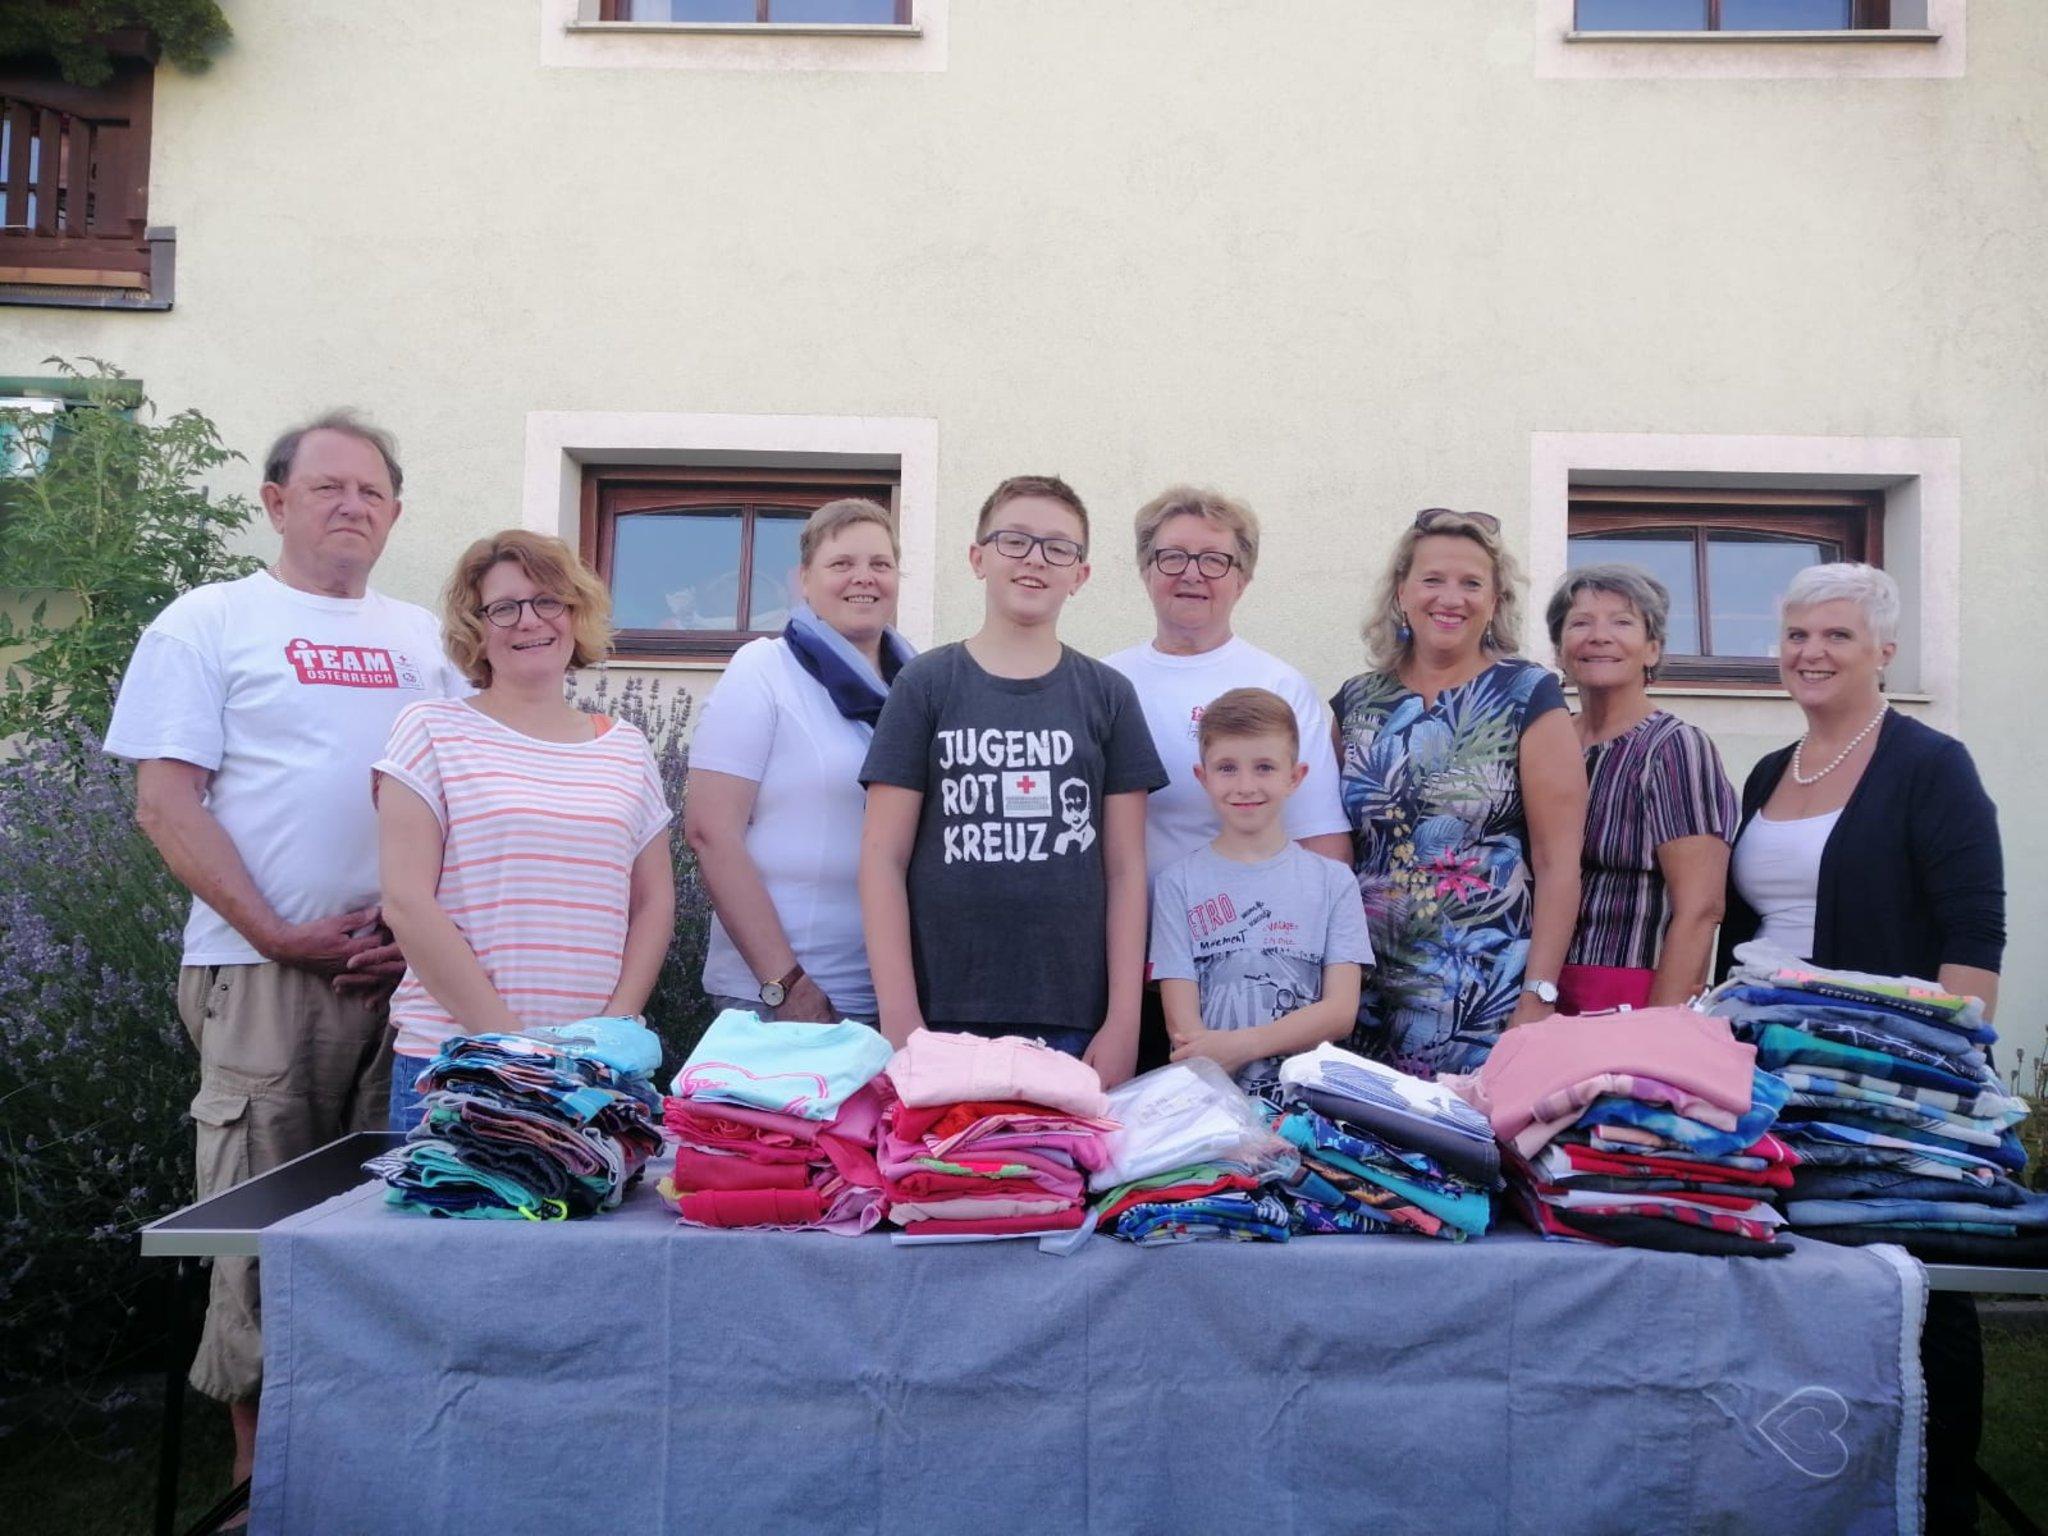 hainburg: Övp frauen spenden kleidung für kinder - bruck